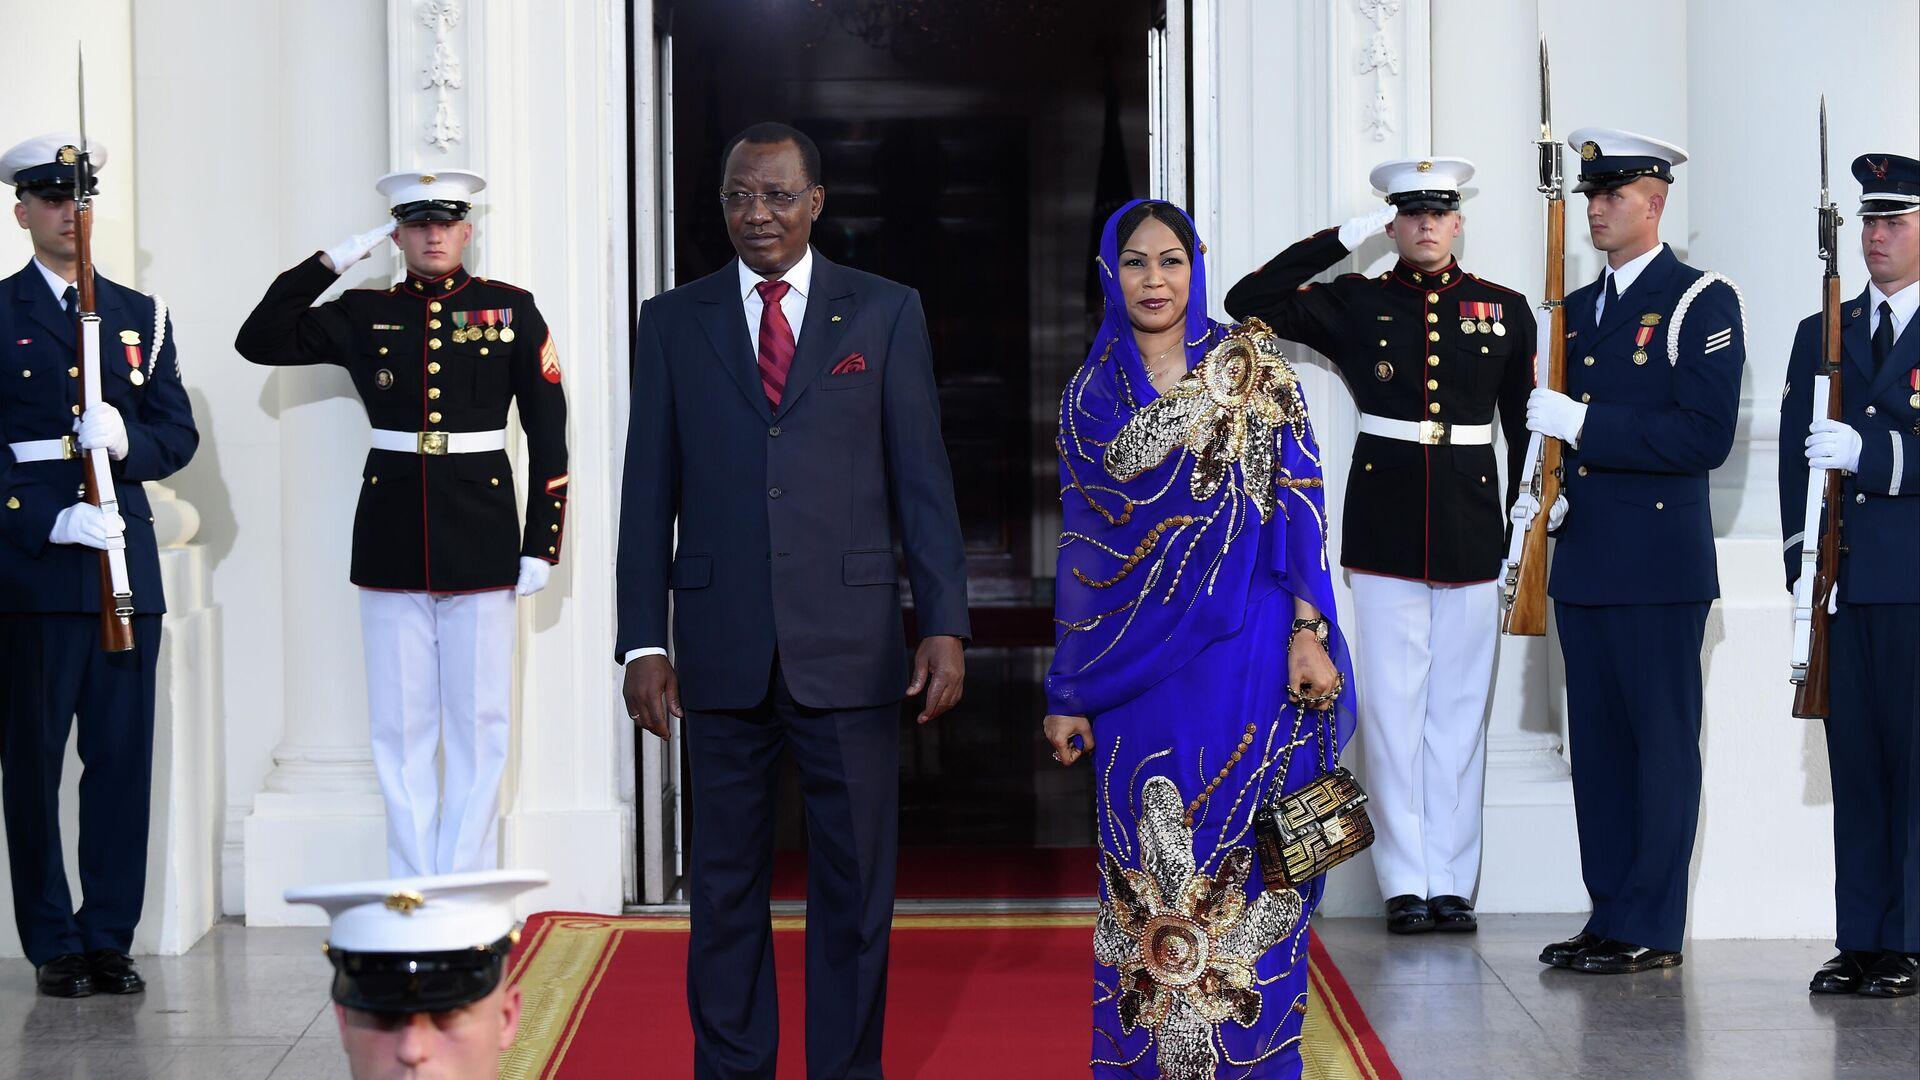 Президент Чада Идрис Деби с супругой Хиндой во время визита в США. 5 августа 2014  - РИА Новости, 1920, 21.04.2021